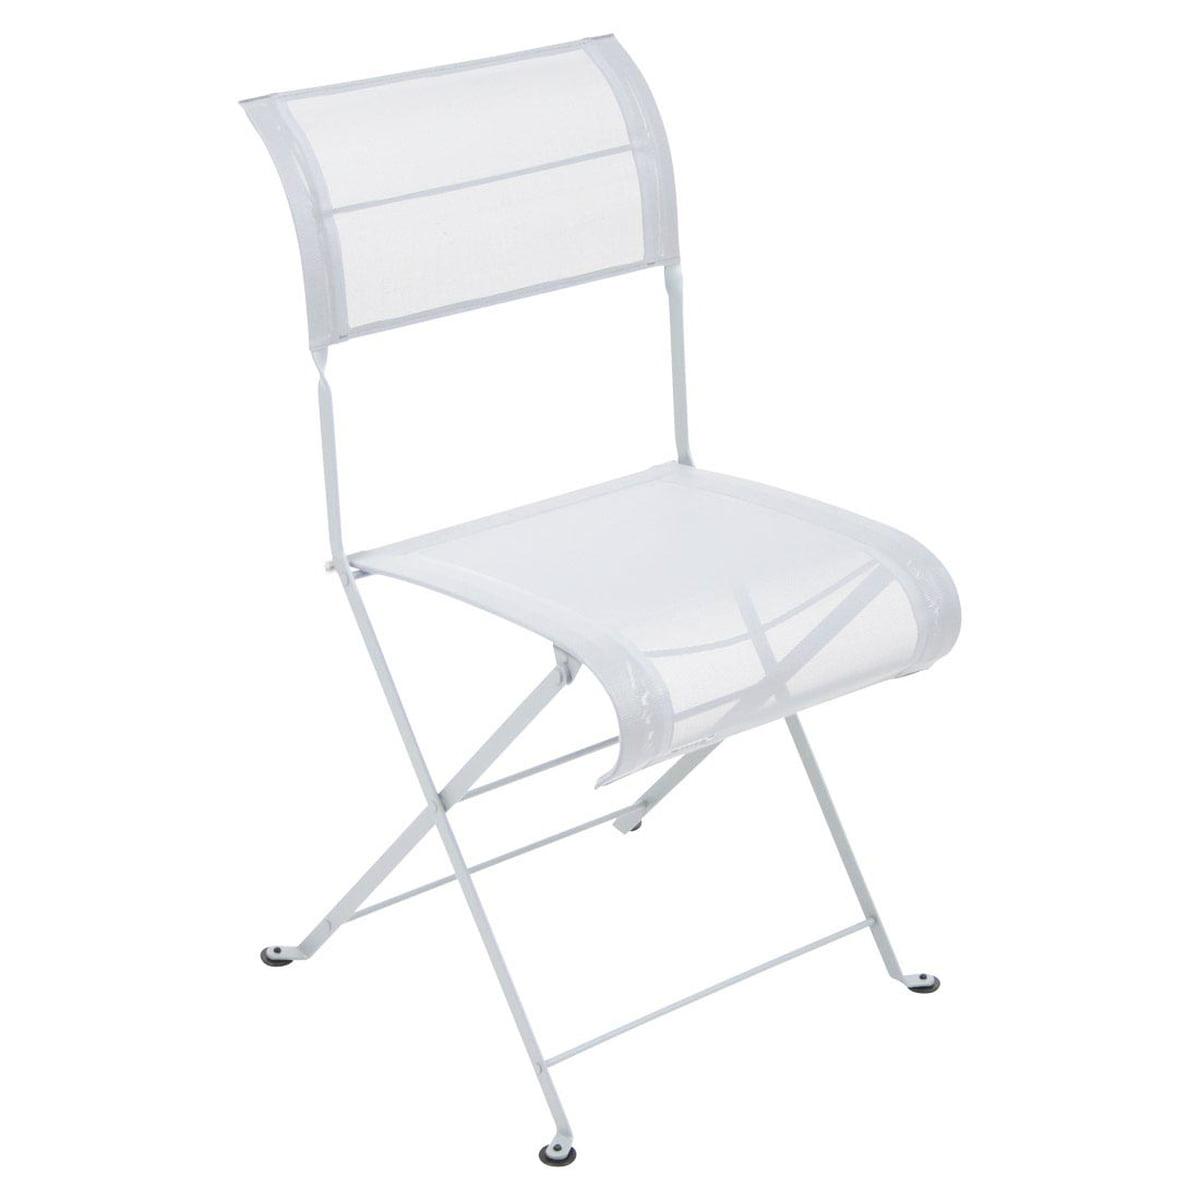 Fermob - Dune Klappstuhl, baumwollweiß | Küche und Esszimmer > Stühle und Hocker > Klappstühle | Baumwollweiß | Stahl mit uv-beständigem pulverlack -  polyester | fermob